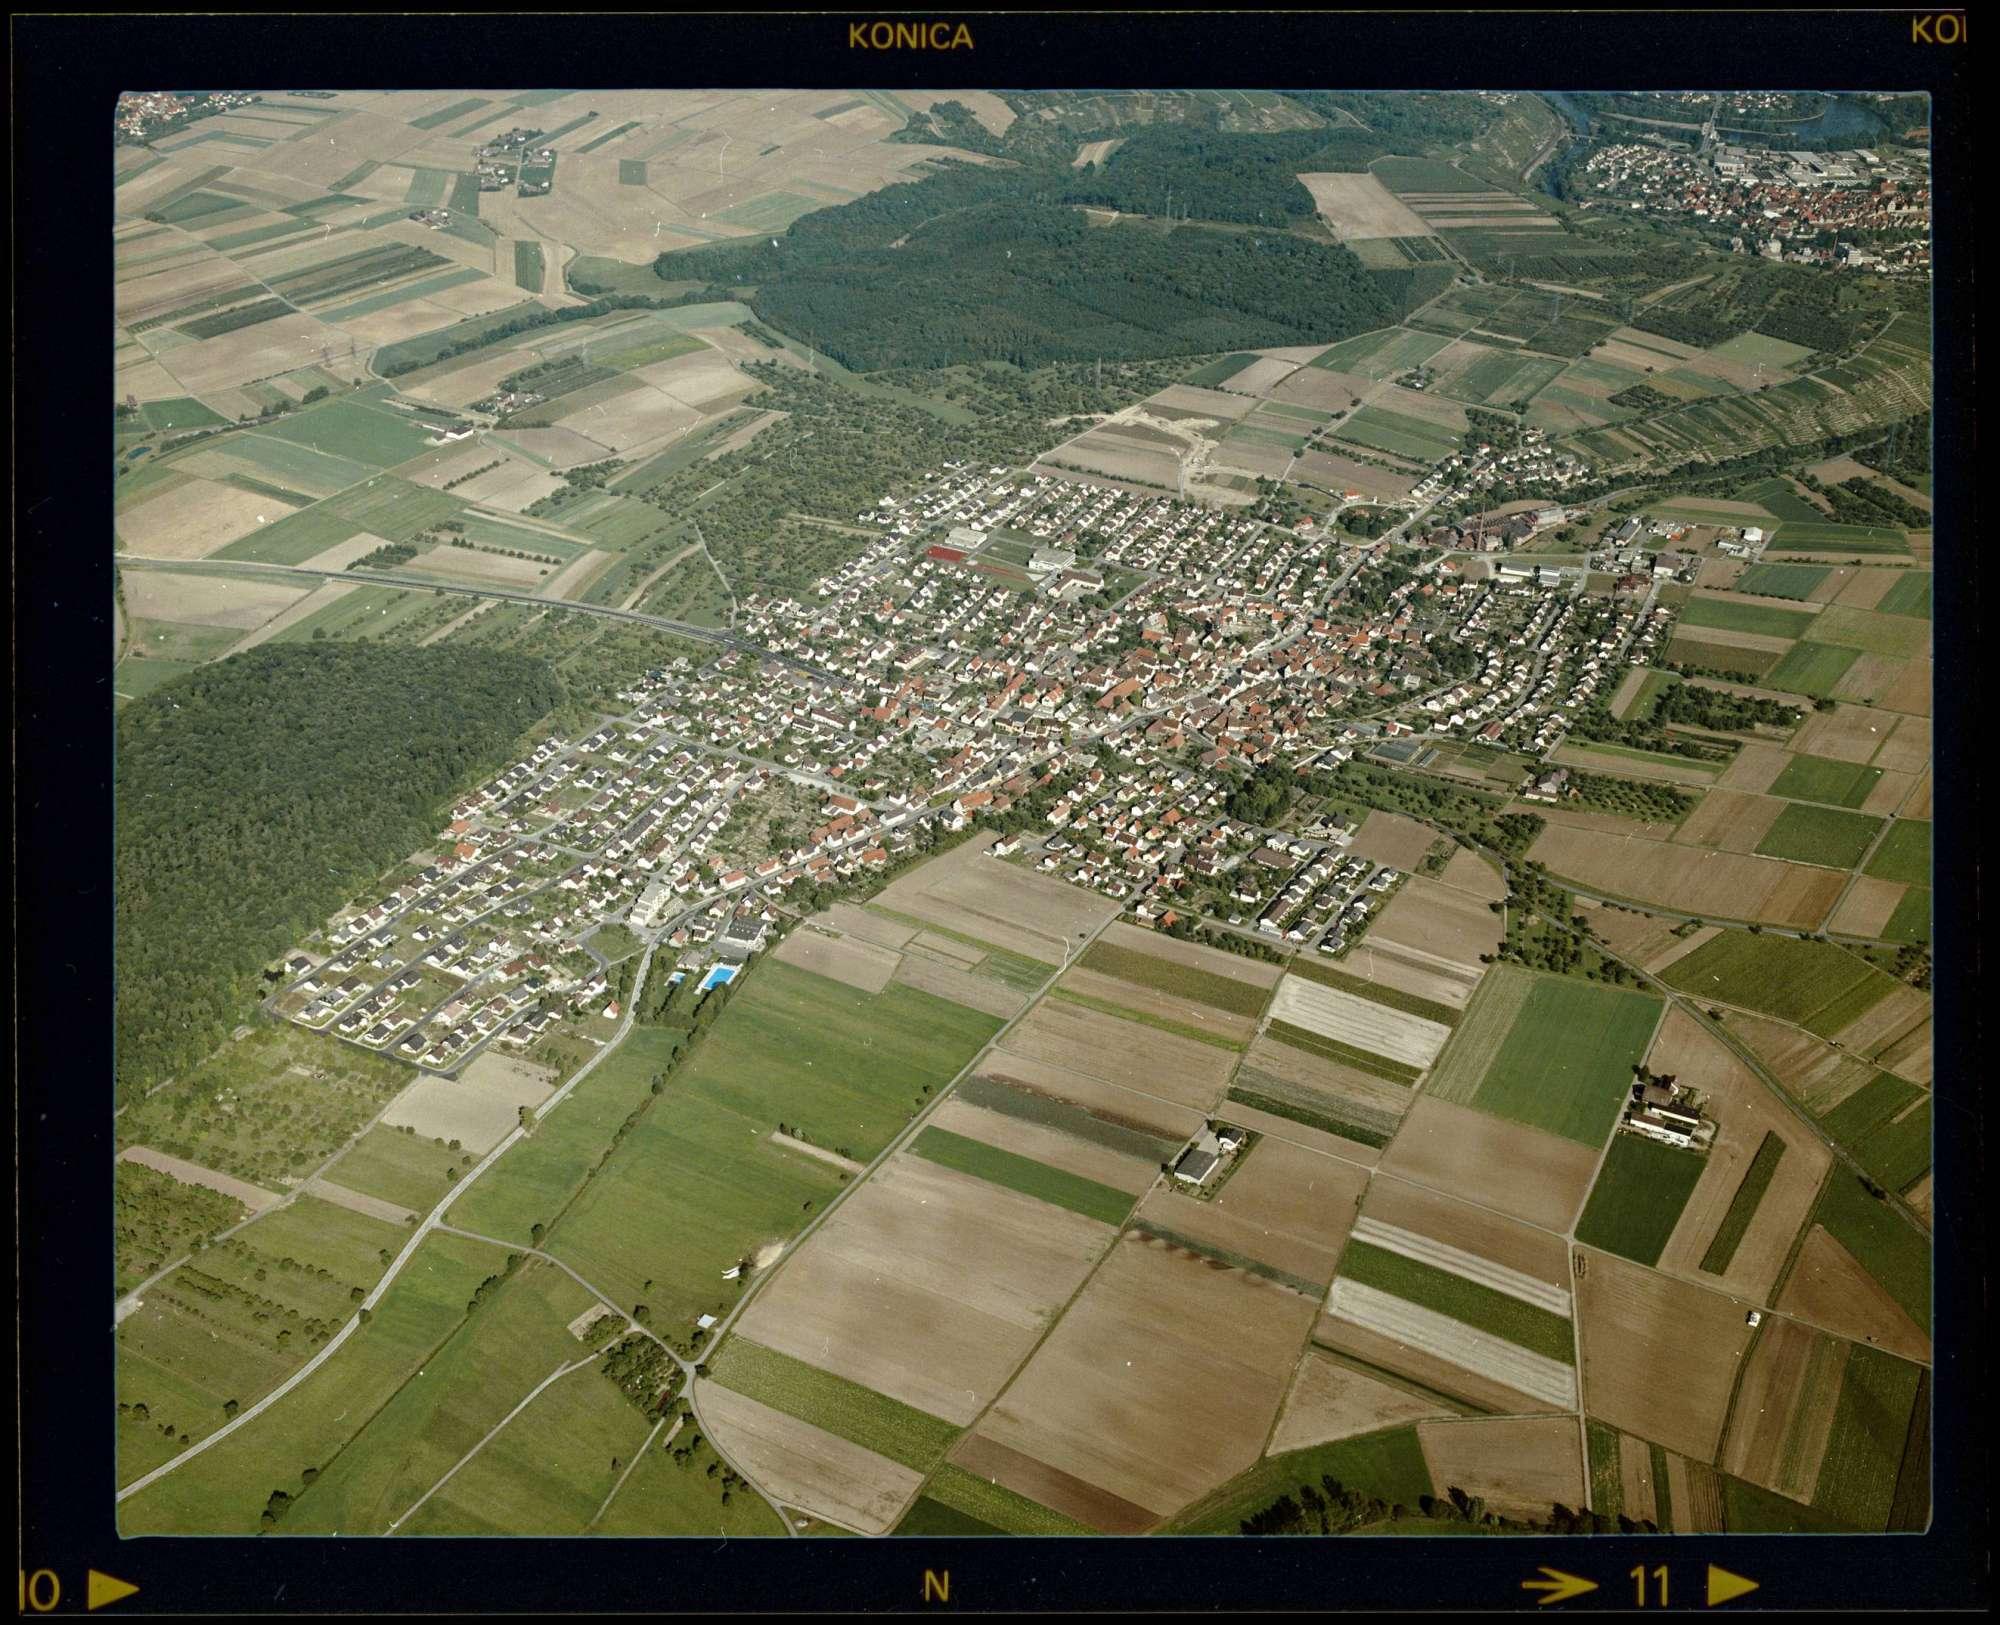 Löchgau, Luftbild, Bild 1